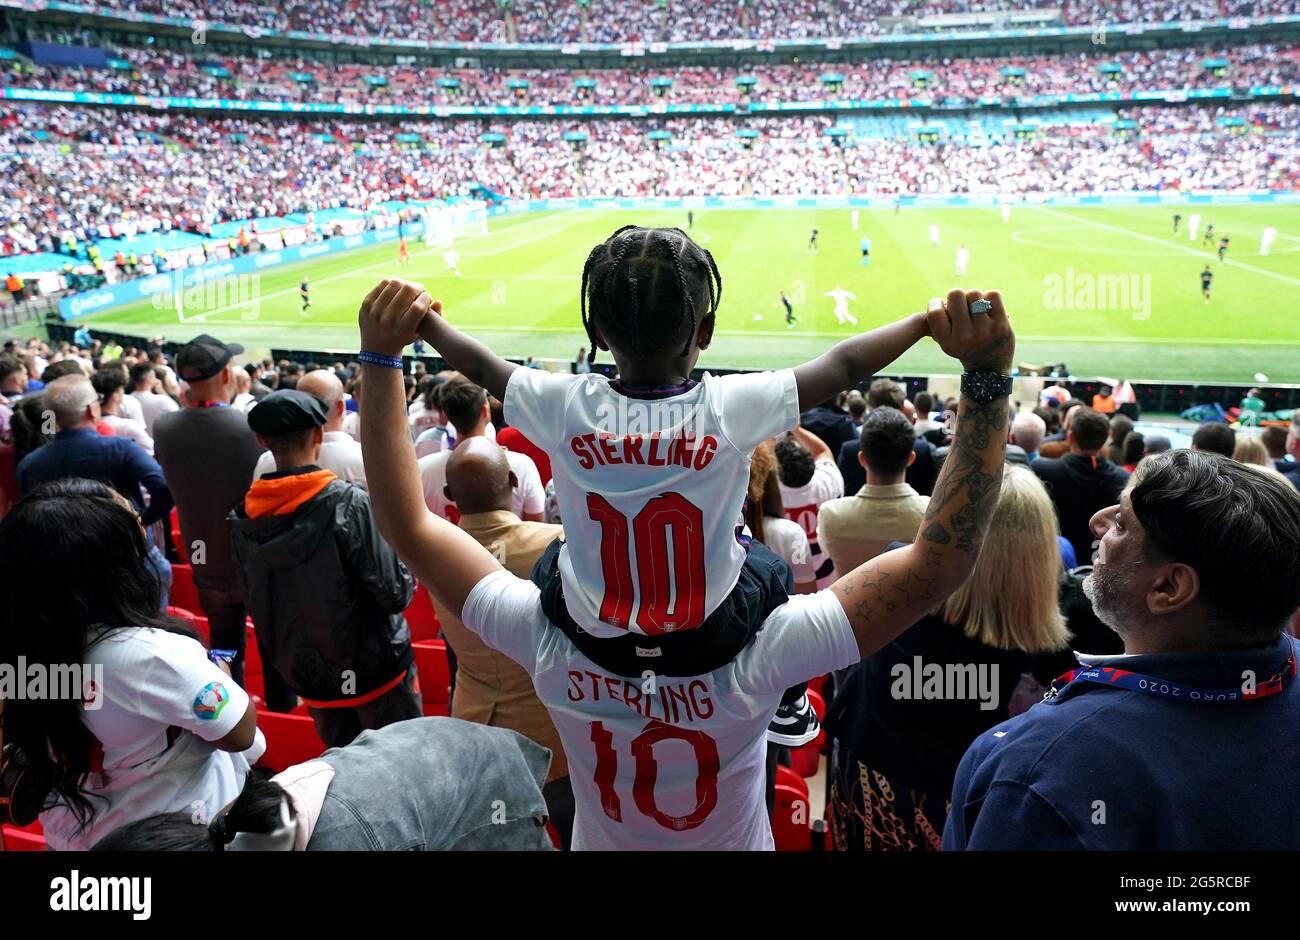 England-Fans feiern das erste Tor ihrer Mannschaft, das der englische Raheem Sterling während der UEFA Euro 2020-Runde des Spiels von 16 im Wembley Stadium, London, erzielte. Bilddatum: Dienstag, 29. Juni 2021. Stockfoto